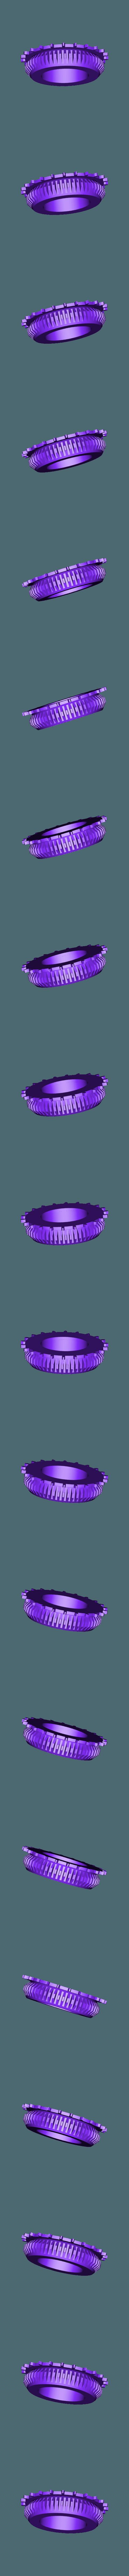 test1_bgr_gear.STL Télécharger fichier STL gratuit Test d'engrenage à vis sans fin d'alimentation OpenPnp SMT imprimé 3D • Modèle à imprimer en 3D, jtronics